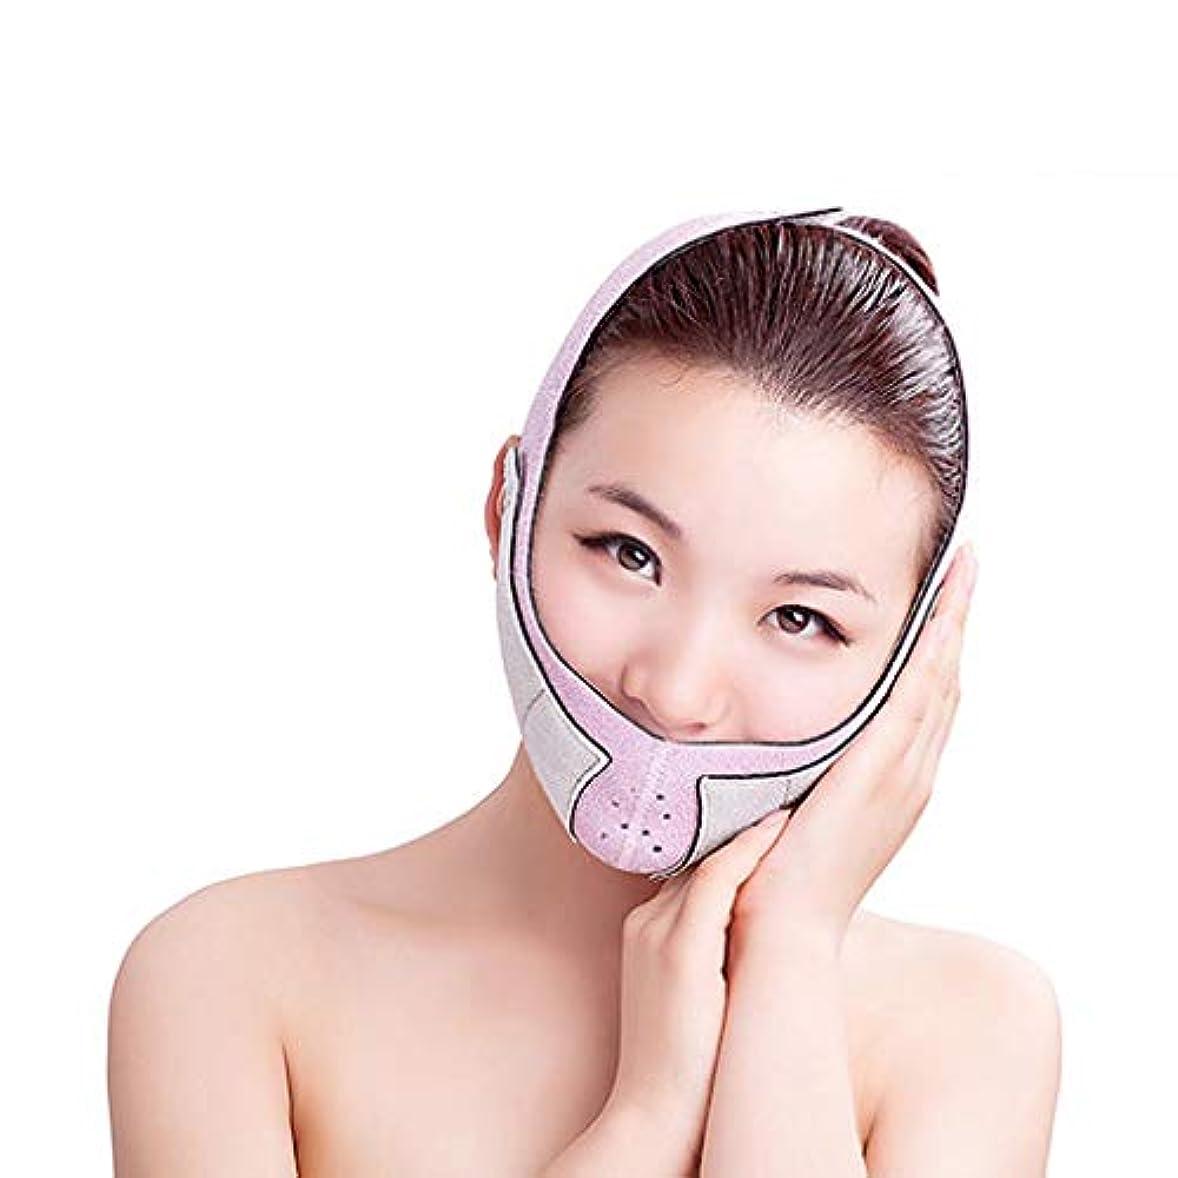 修羅場フリッパープロトタイプ減量マスク頬の皮膚会社顎顔リフトマスクマイクロリカバリー固定包帯